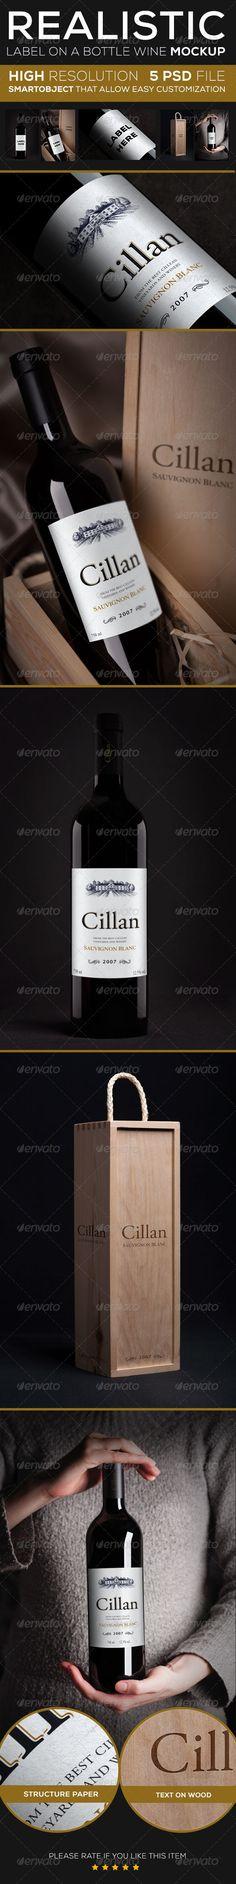 Wine Bottle Mock up - GraphicRiver Item for Sale